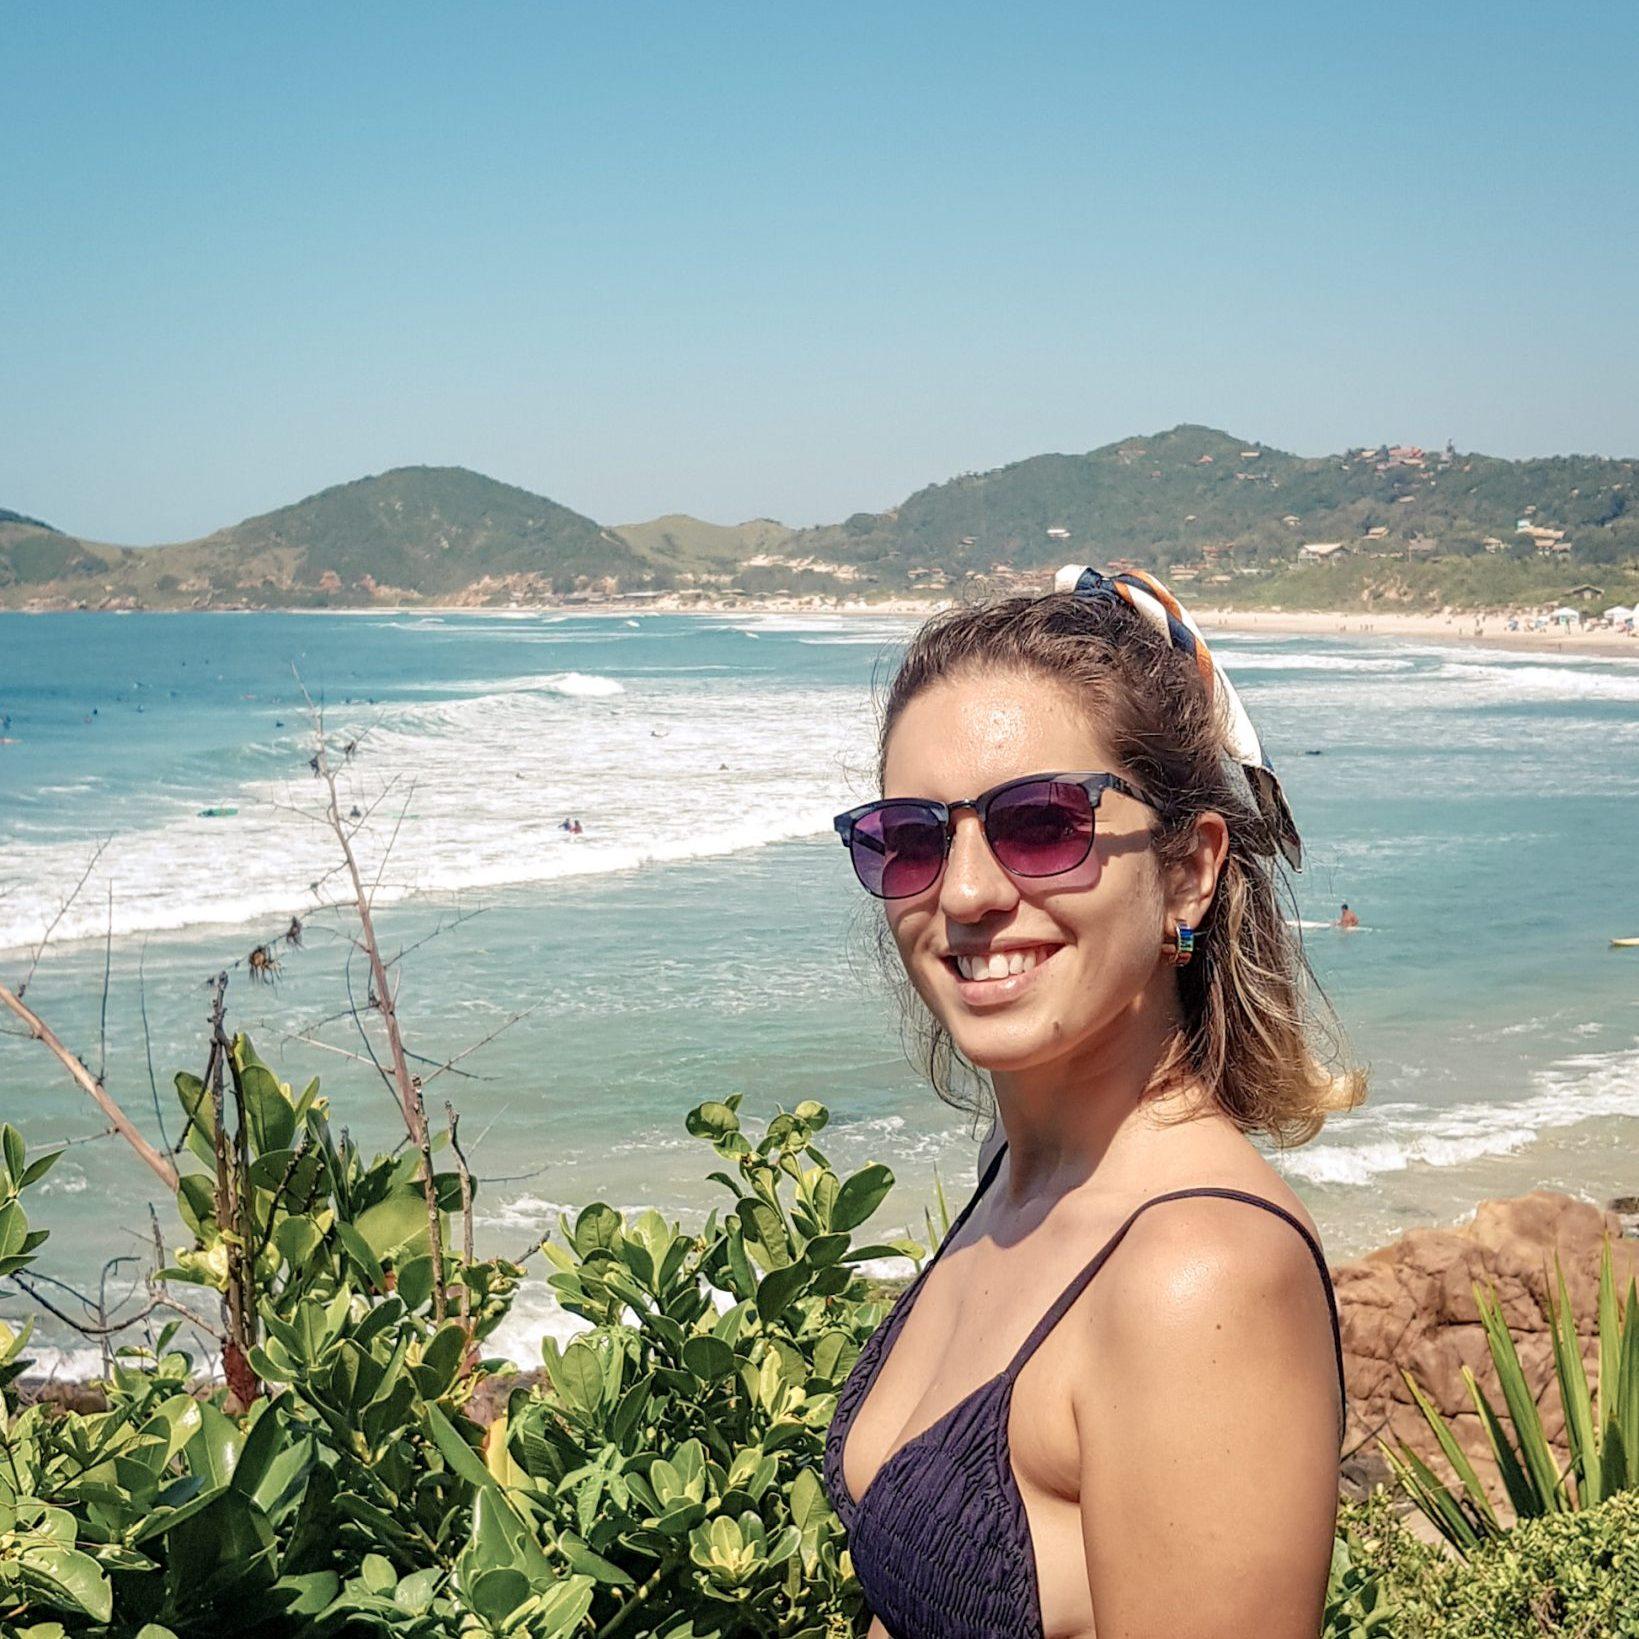 Cidades próximas a Florianópolis para conhecer / Praia do Rosa